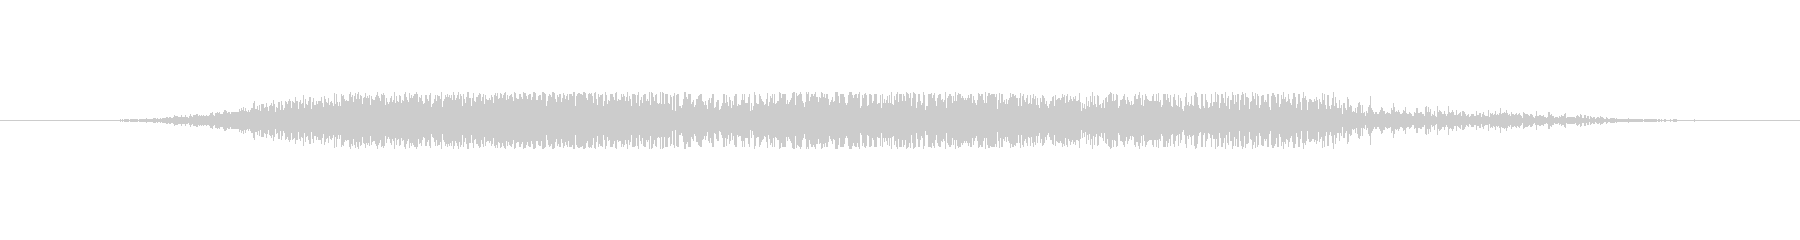 モンスター いびきブレスロー02の未再生の波形